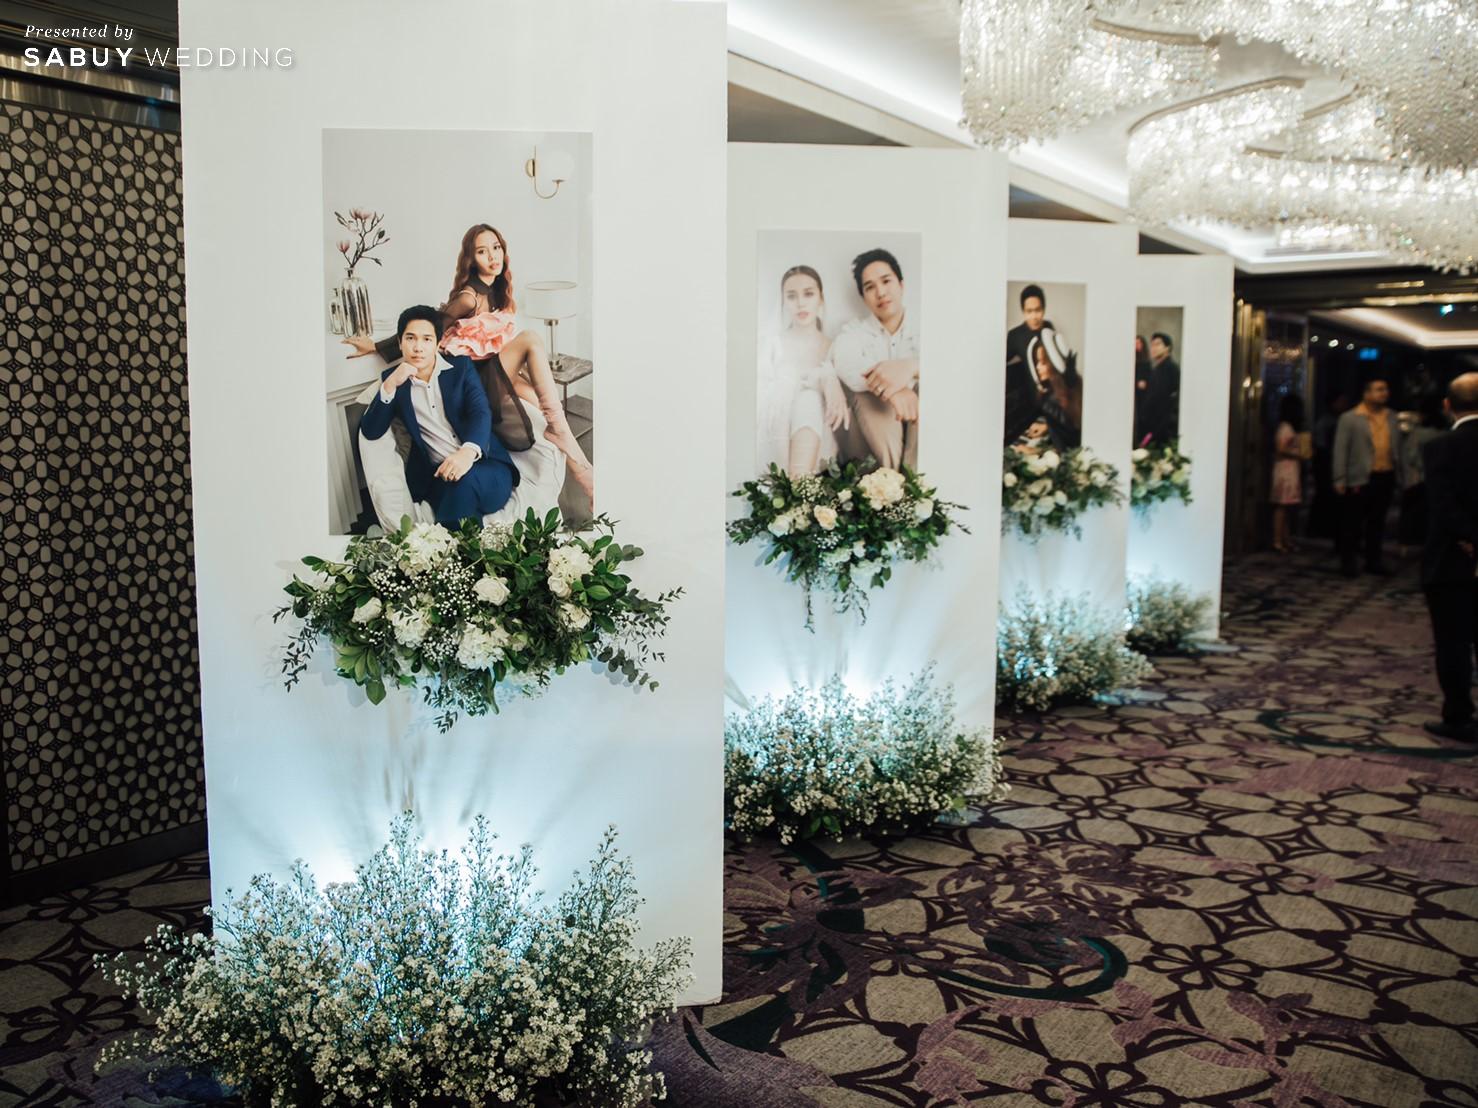 ตกแต่งงานแต่งงาน,พรีเวดดิ้ง รีวิวงานแต่งริมน้ำสุดอบอุ่น สวยละมุนในโทนขาวเขียว @ Chatrium Hotel Riverside Bangkok